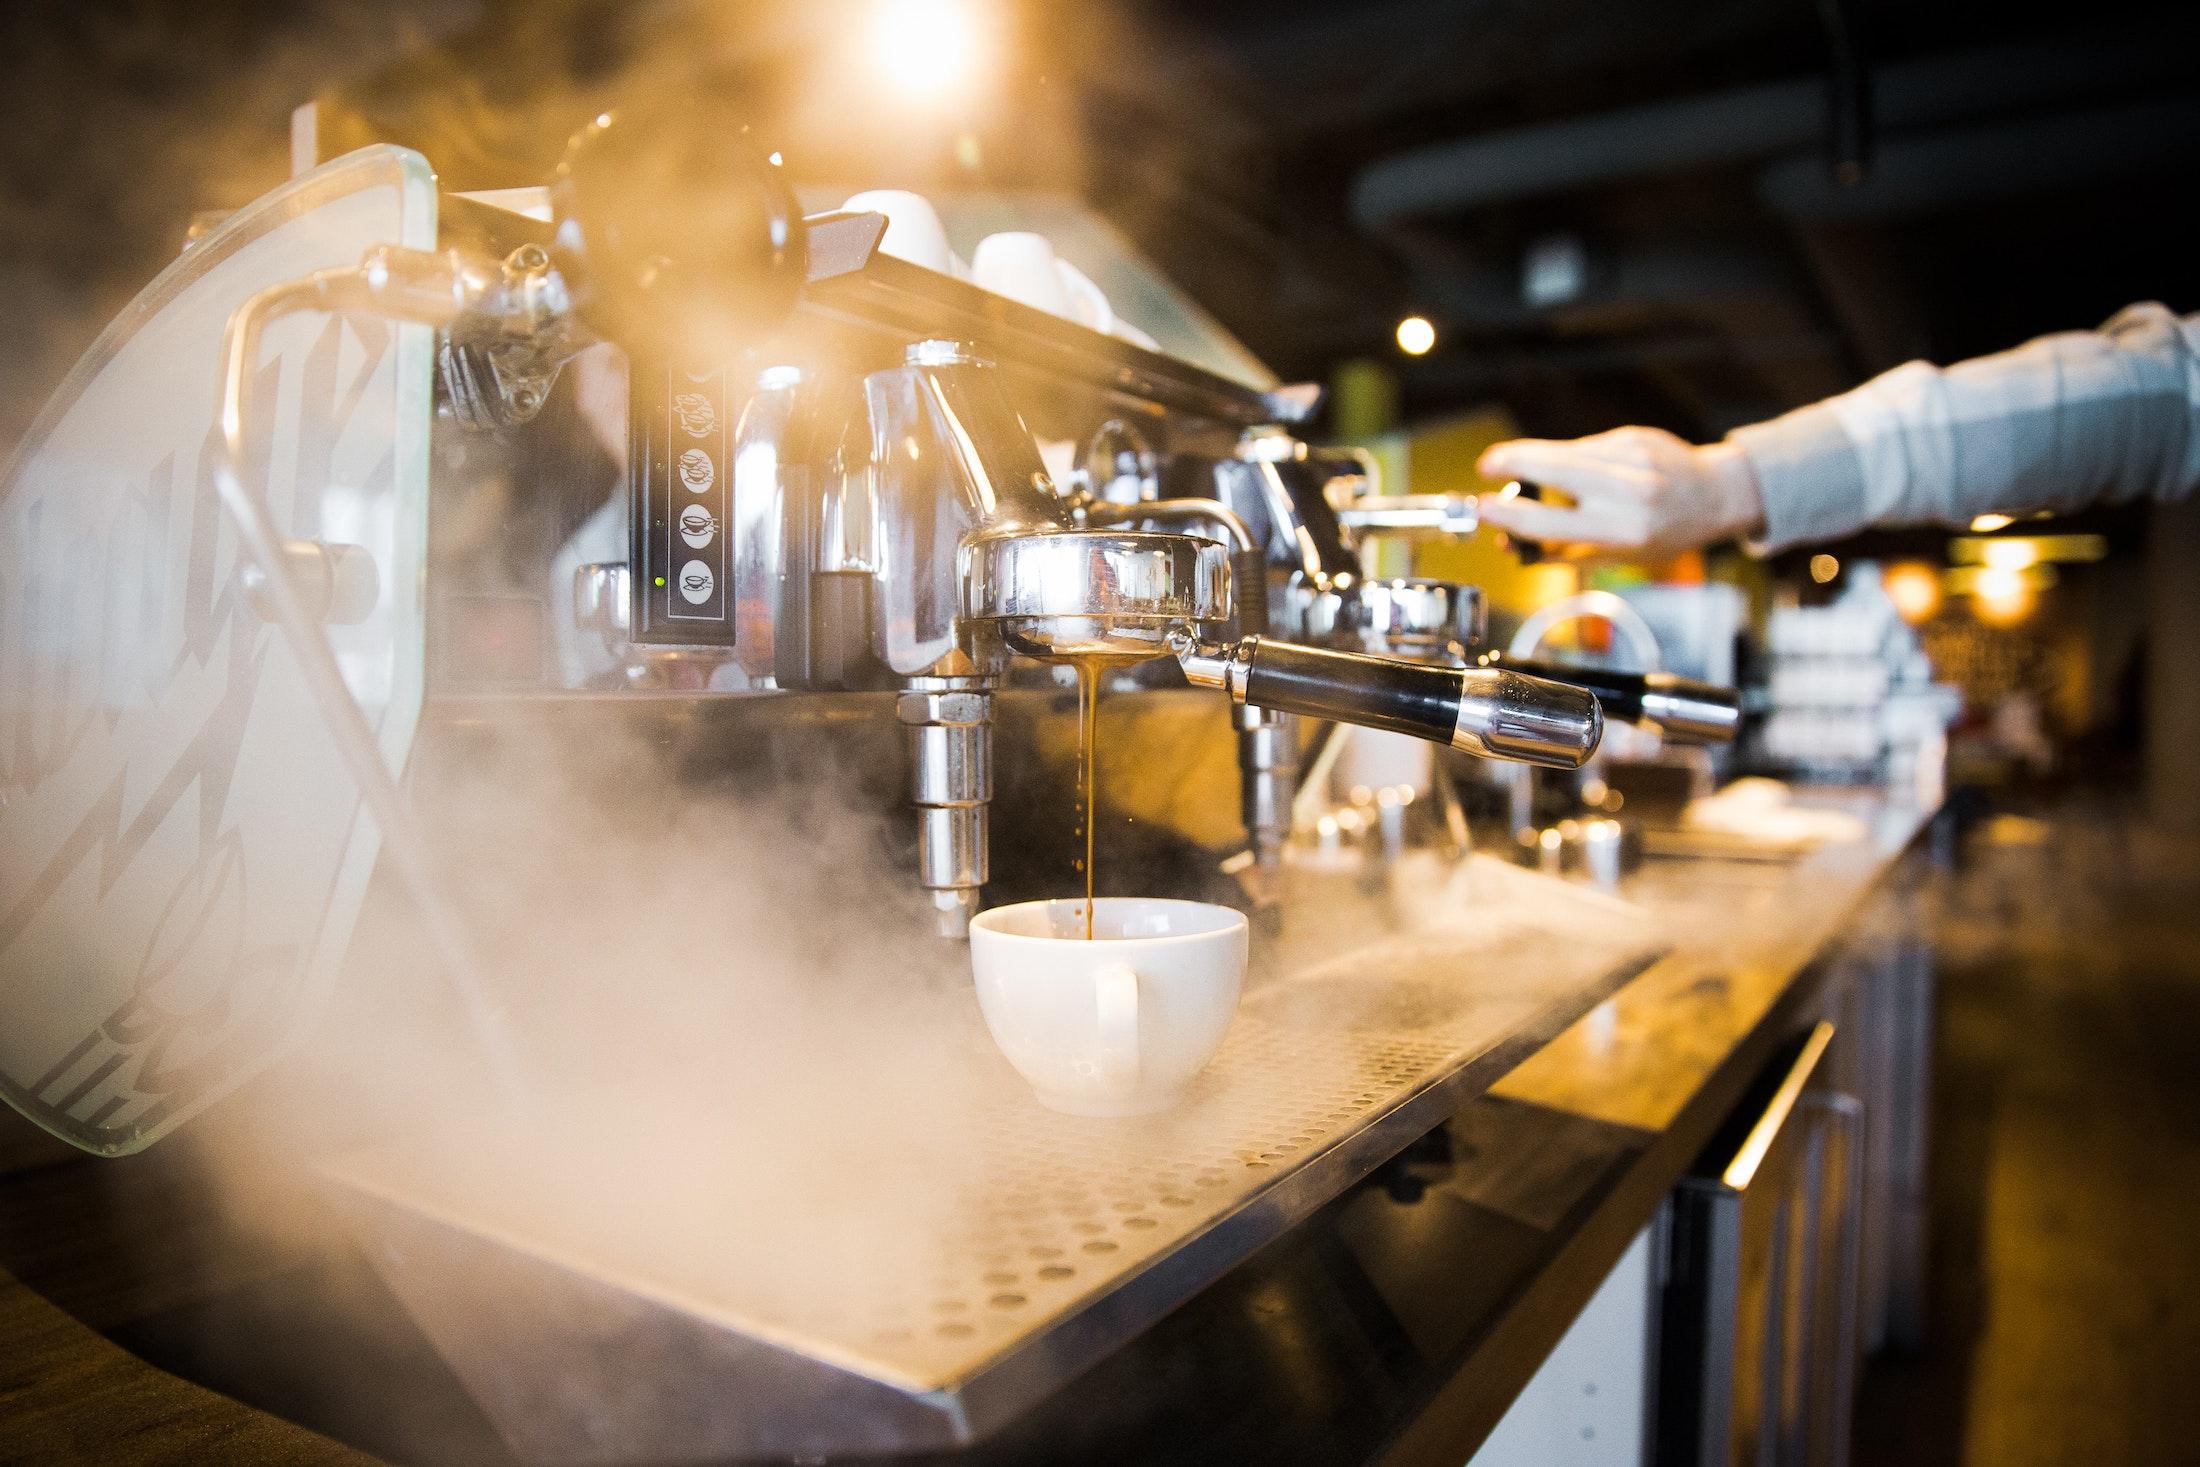 Eine silberne Siebträgermaschine steht auf der Bar und in ihrem eigenen Dampf. Der Barista an dieser Kaffee Bar hält einen Hebel auf der anderen Seite gedrückt.